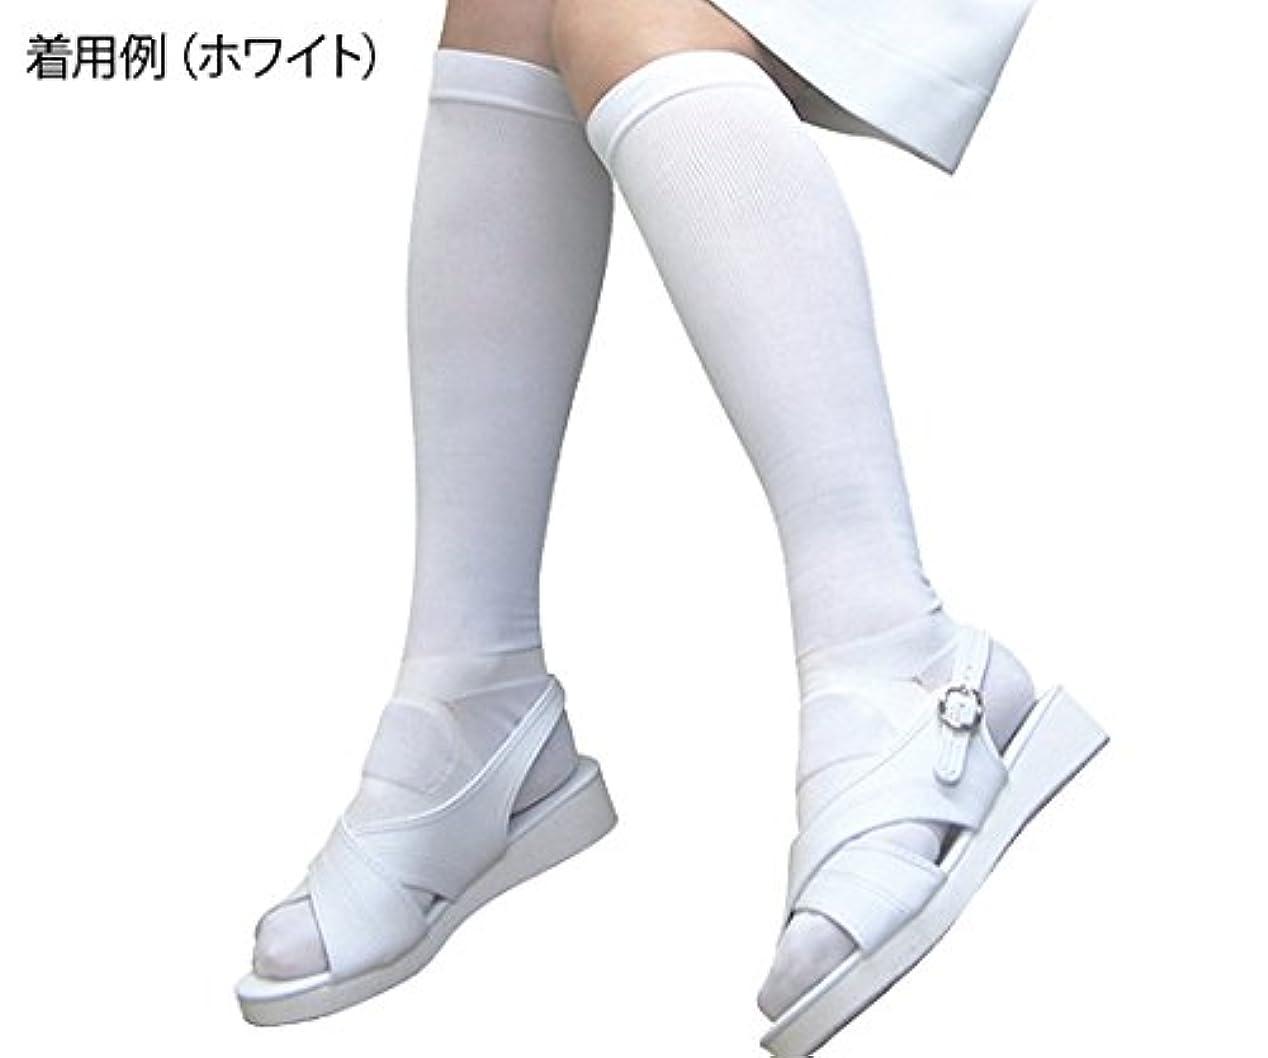 役に立つ中毒透過性足もとソリューション女性用 白 Sサイズ  /8-6564-01